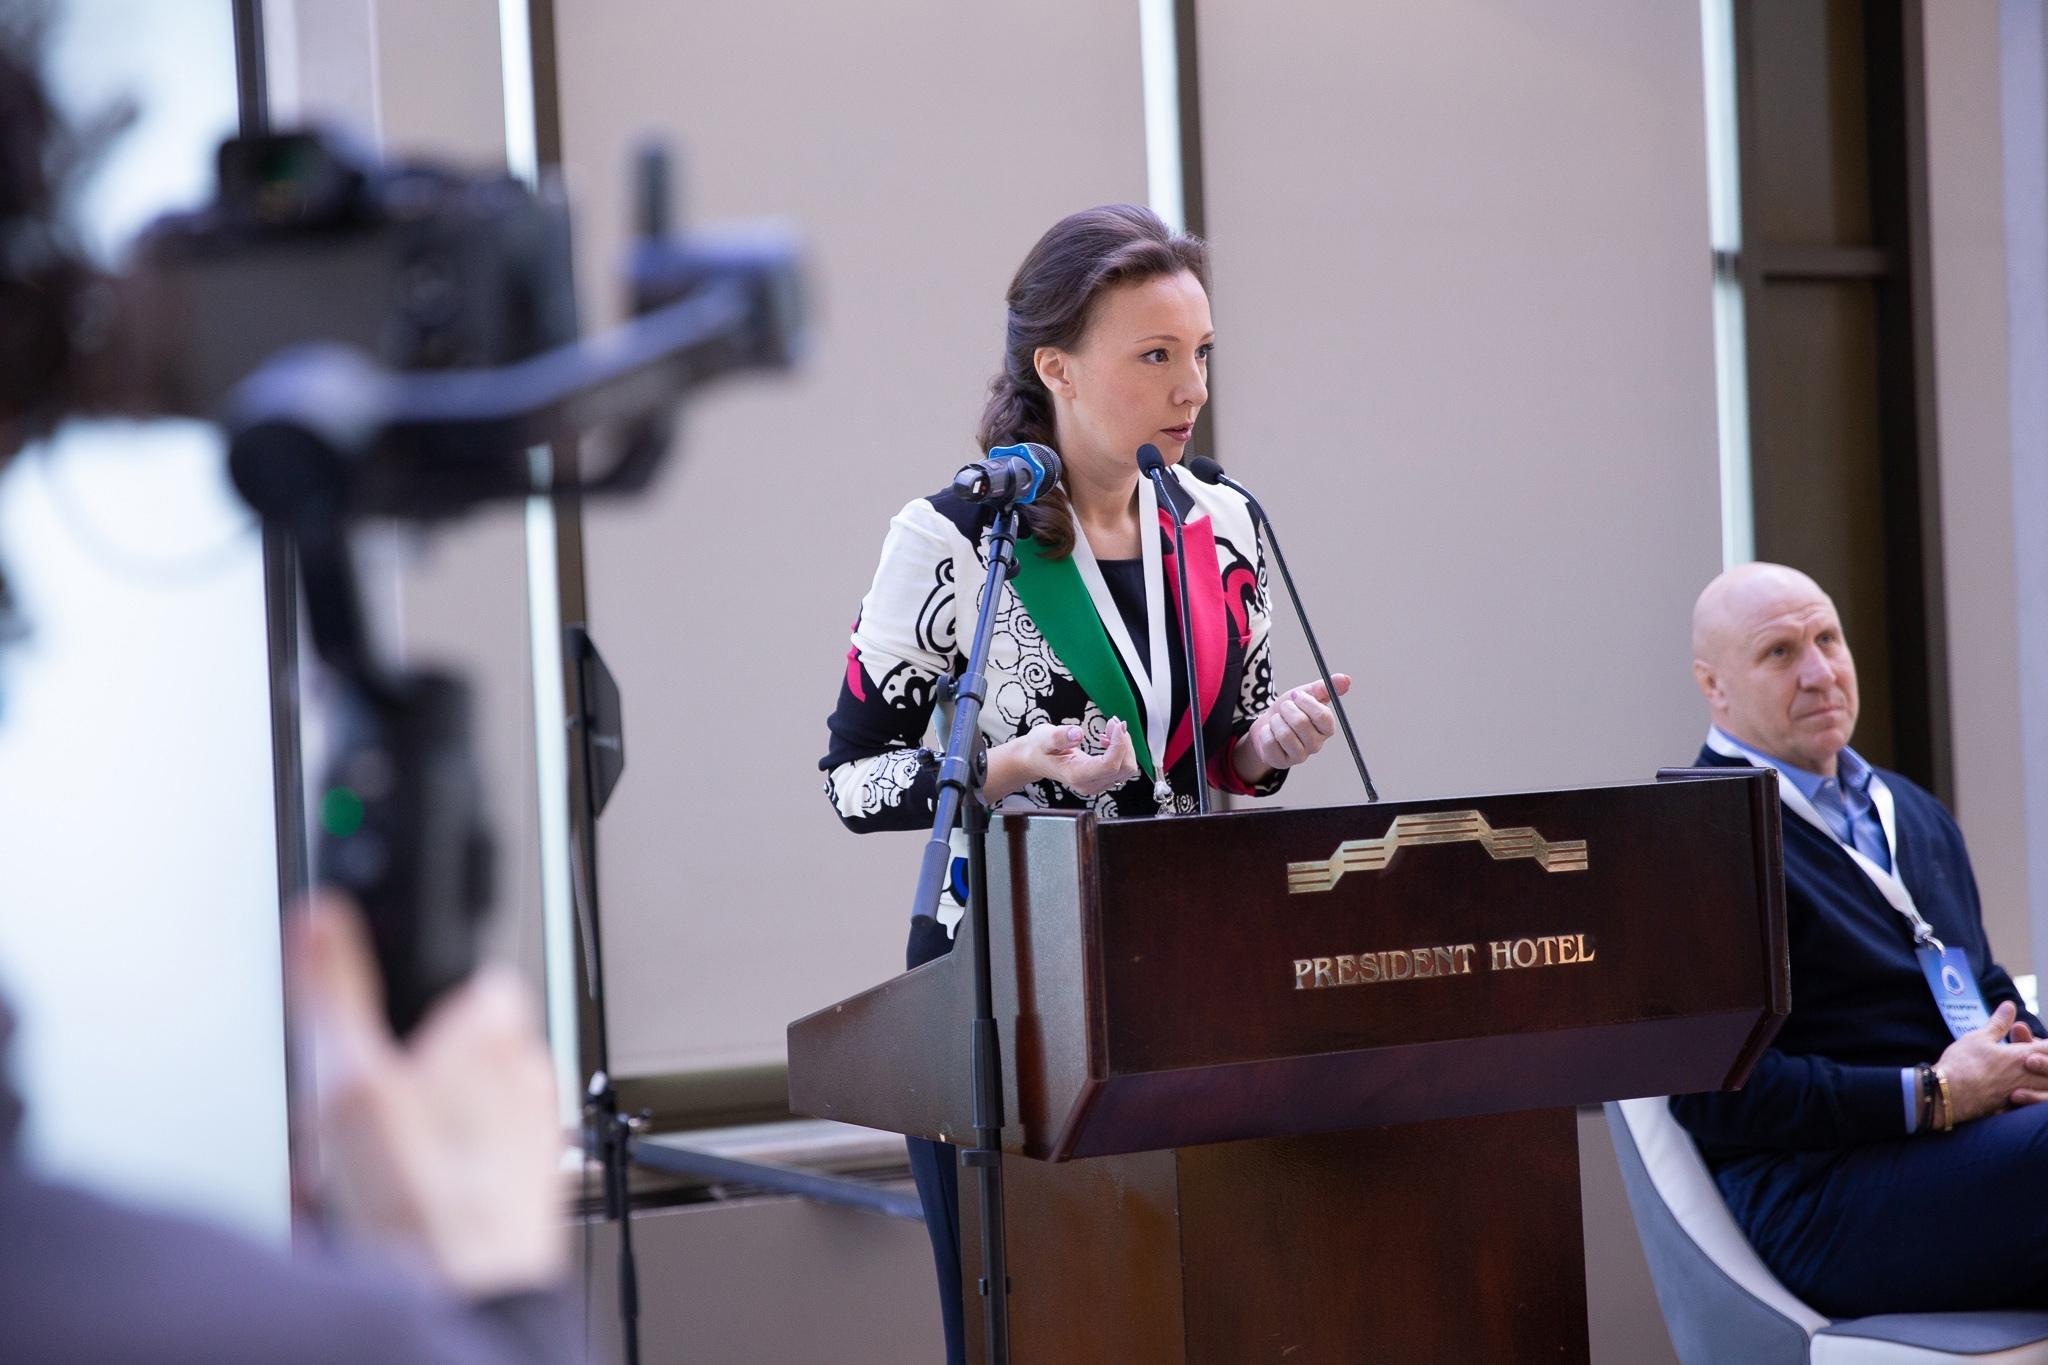 Кузнецова: поддержка беременных в трудных ситуациях должна стать федеральной задачей